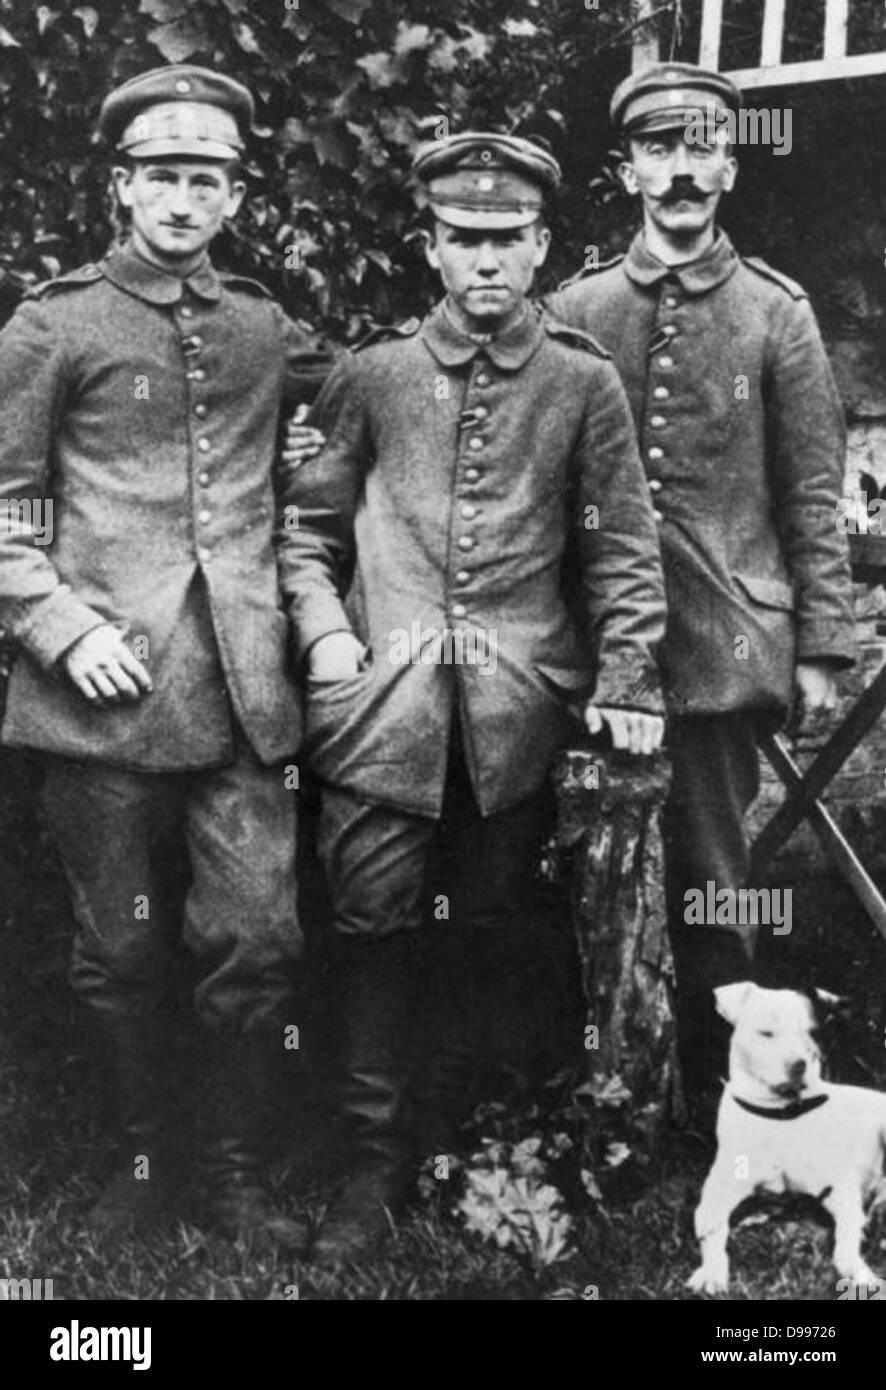 Adolf Hitler como un soldado alemán con camaradas durante la I Guerra Mundial Hitler se encuentra a la derecha Imagen De Stock